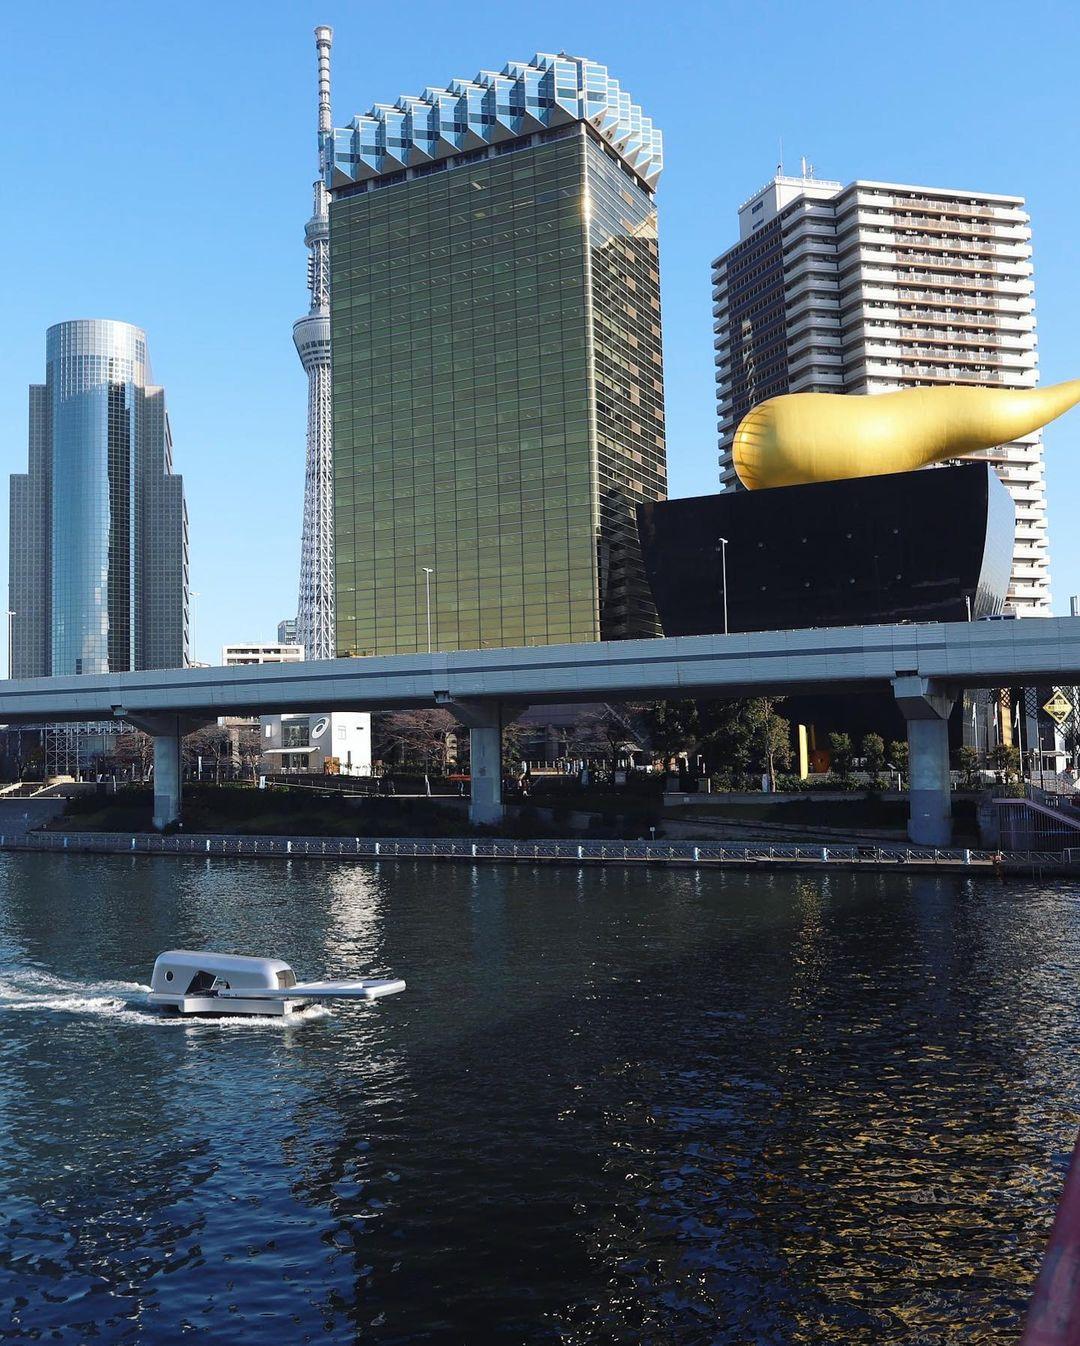 河上出現「巨大拉鍊」!水面直接被「拉開一半」 網友歪樓:JOJO替身攻擊?